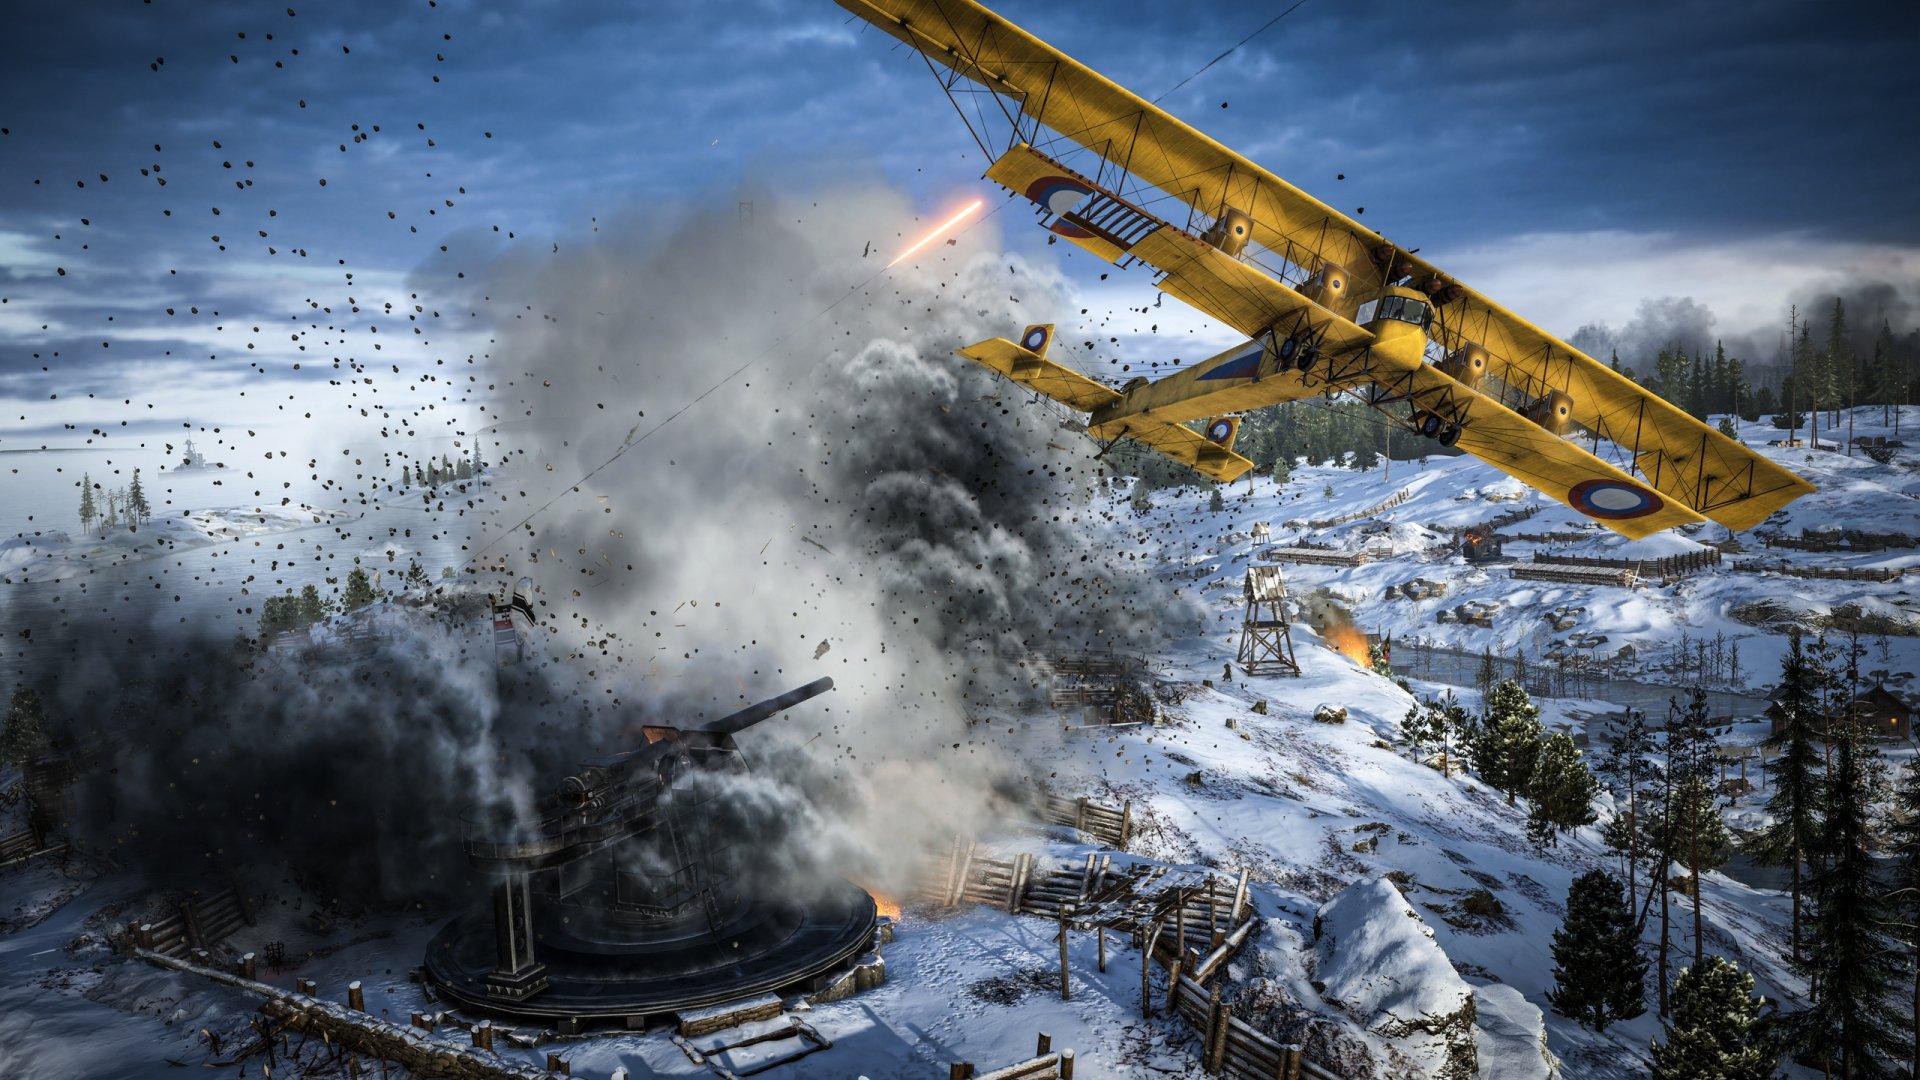 Video Game - Battlefield 1  Aircraft Warplane Winter Artillery Battle Wallpaper